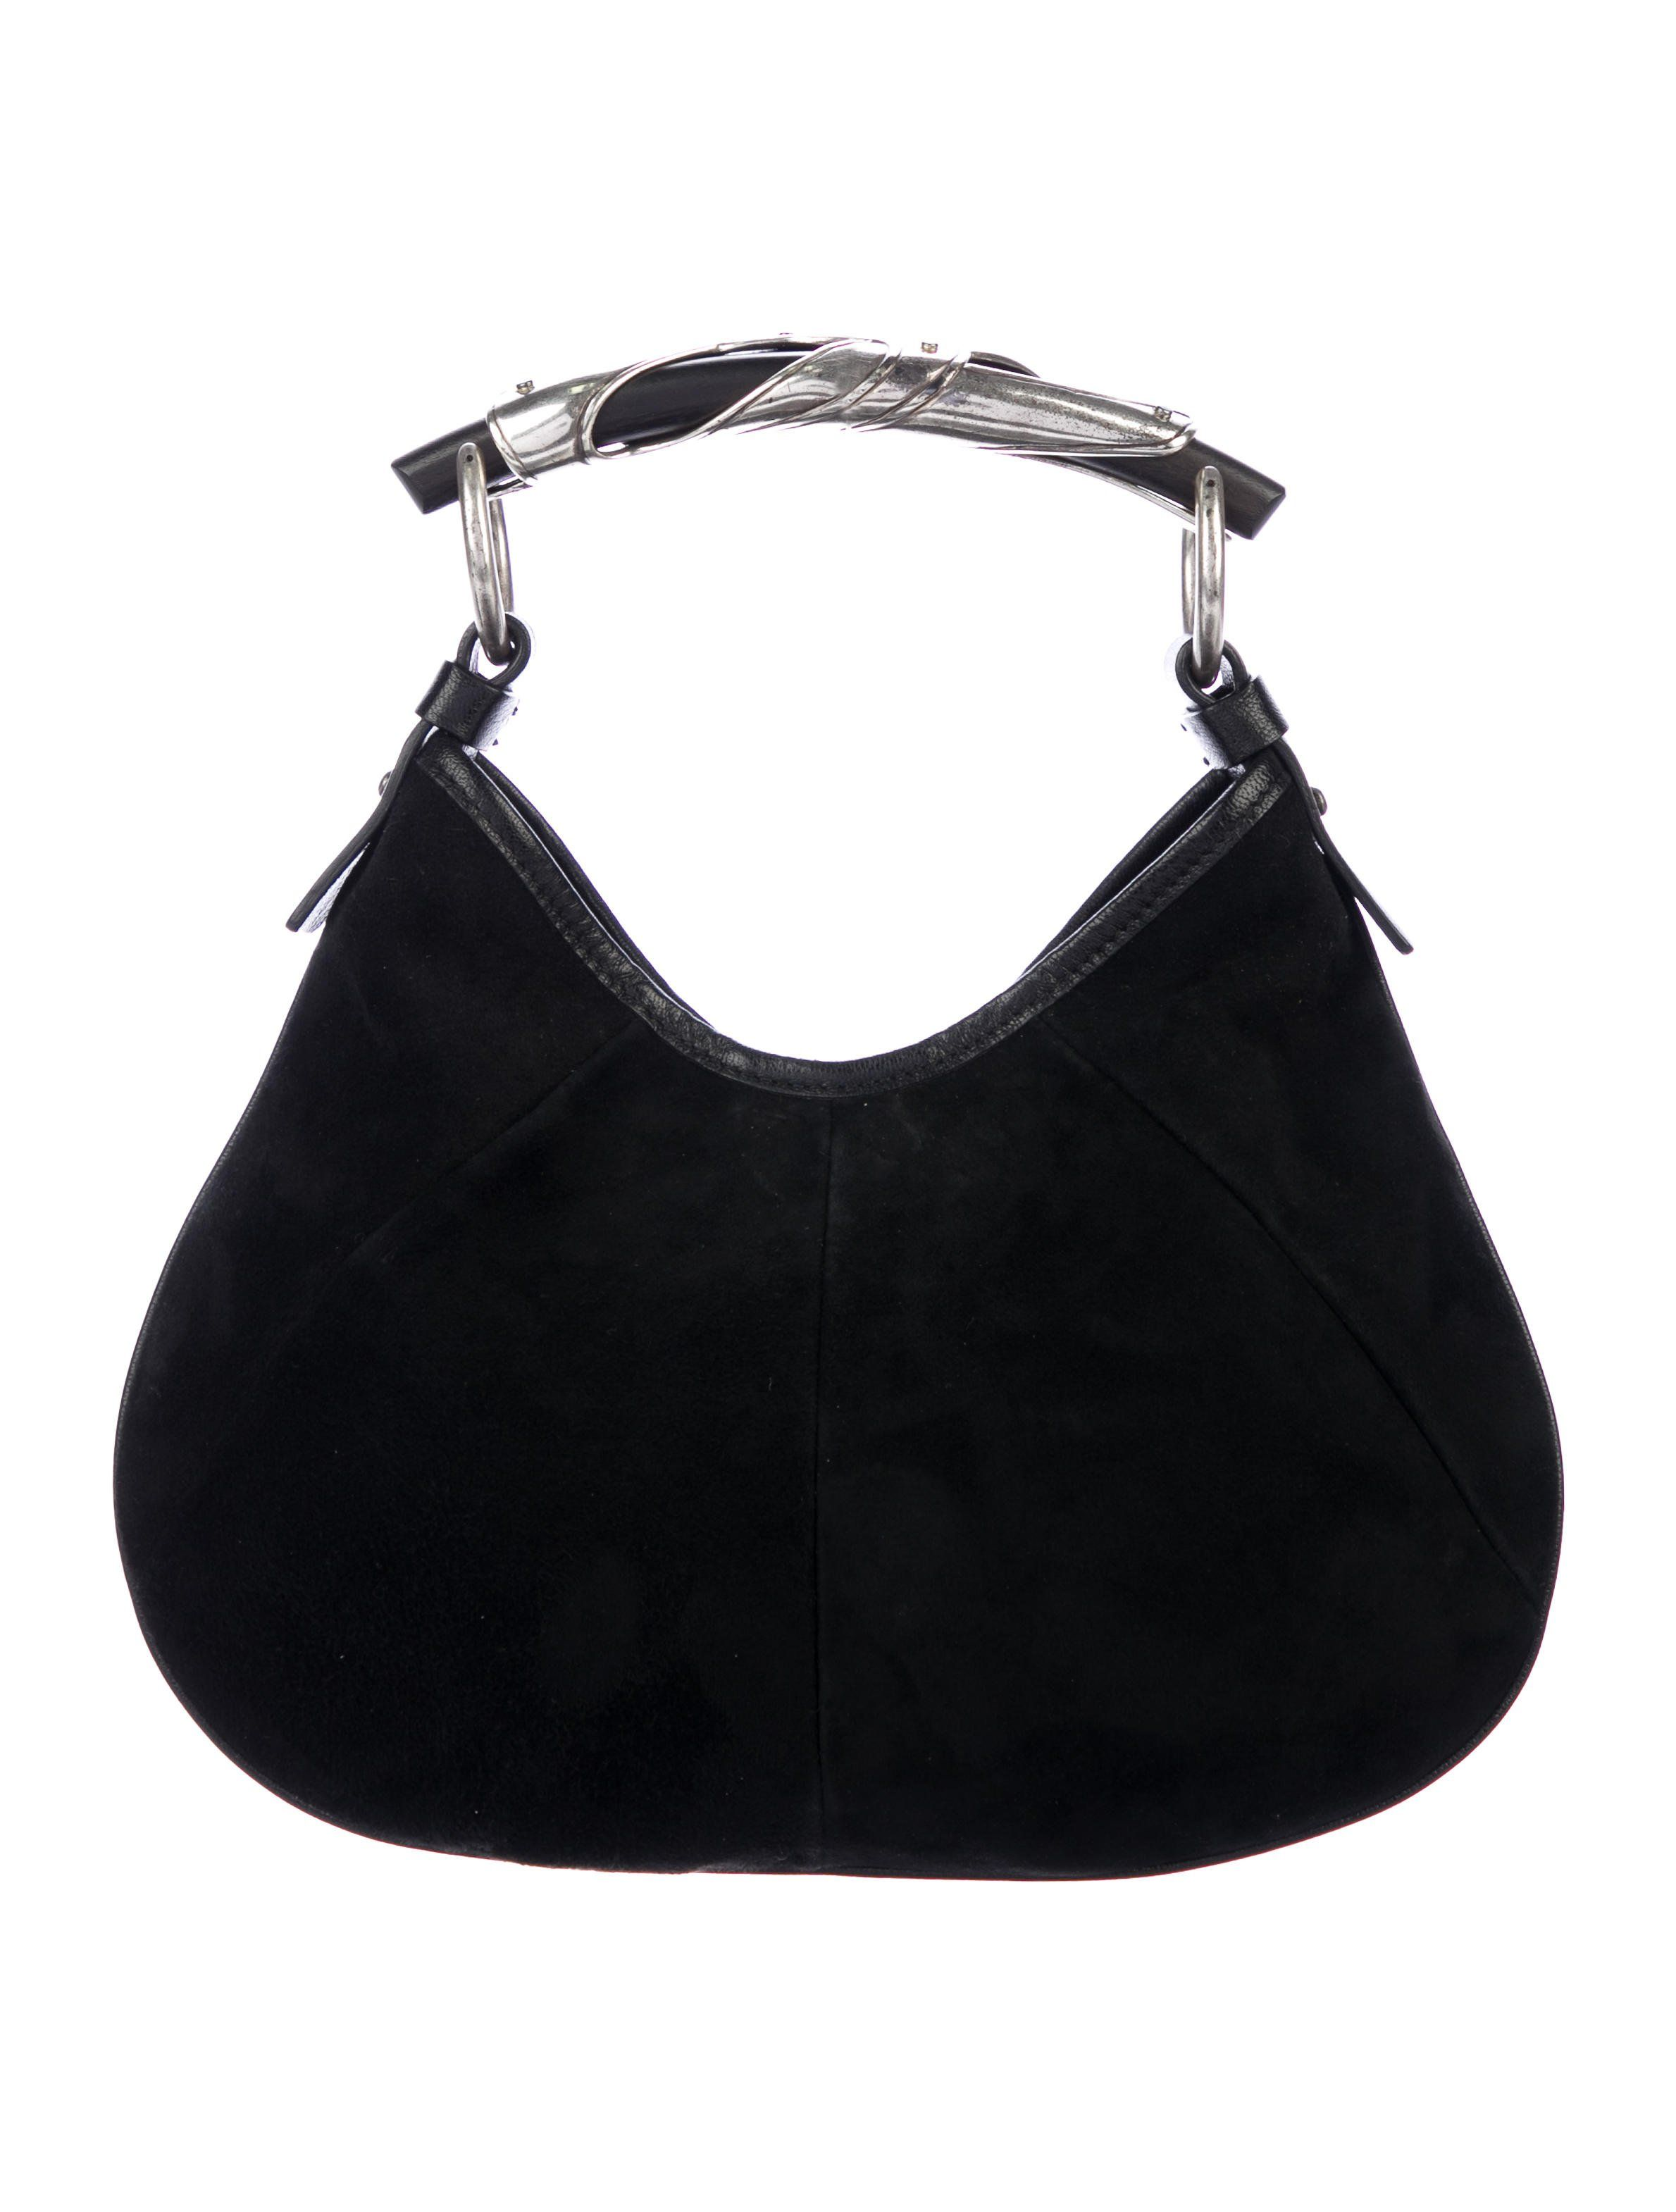 8a1257f07382 Mini Mombasa bag in black suede